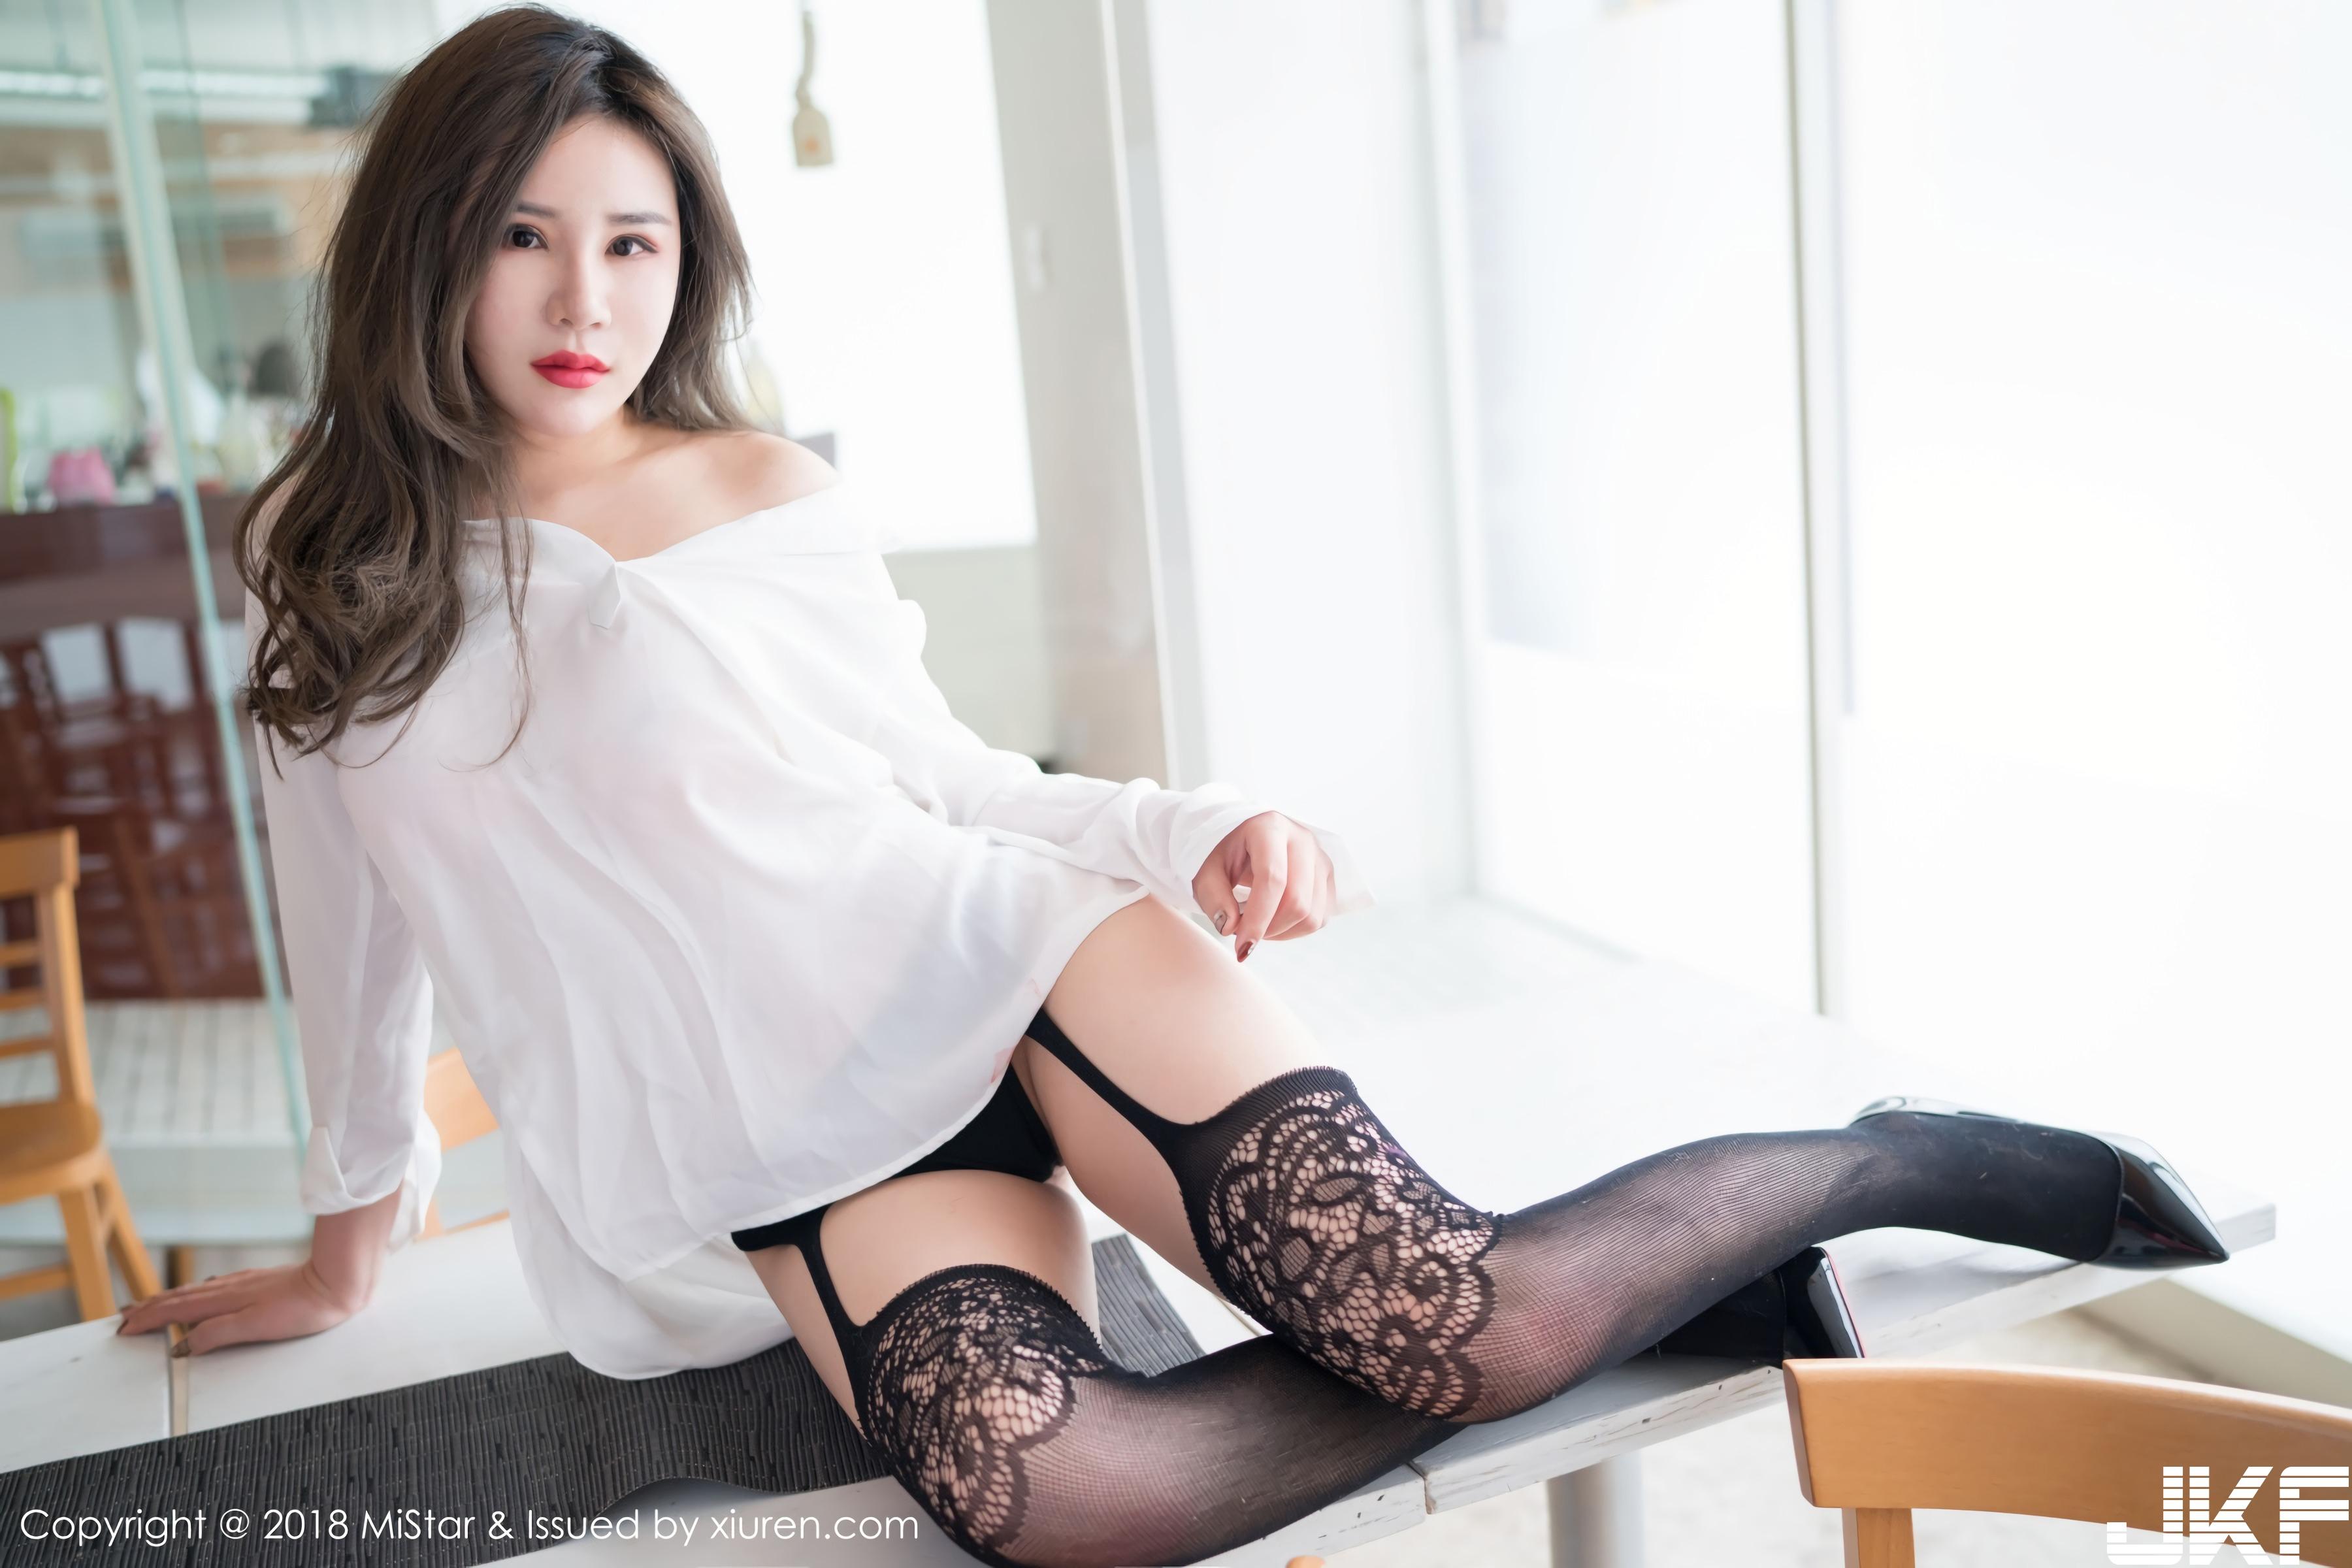 (35P)小奶昔Kyra_魅妍社 2018.06.15 VOL.228 - 貼圖 - 清涼寫真 -